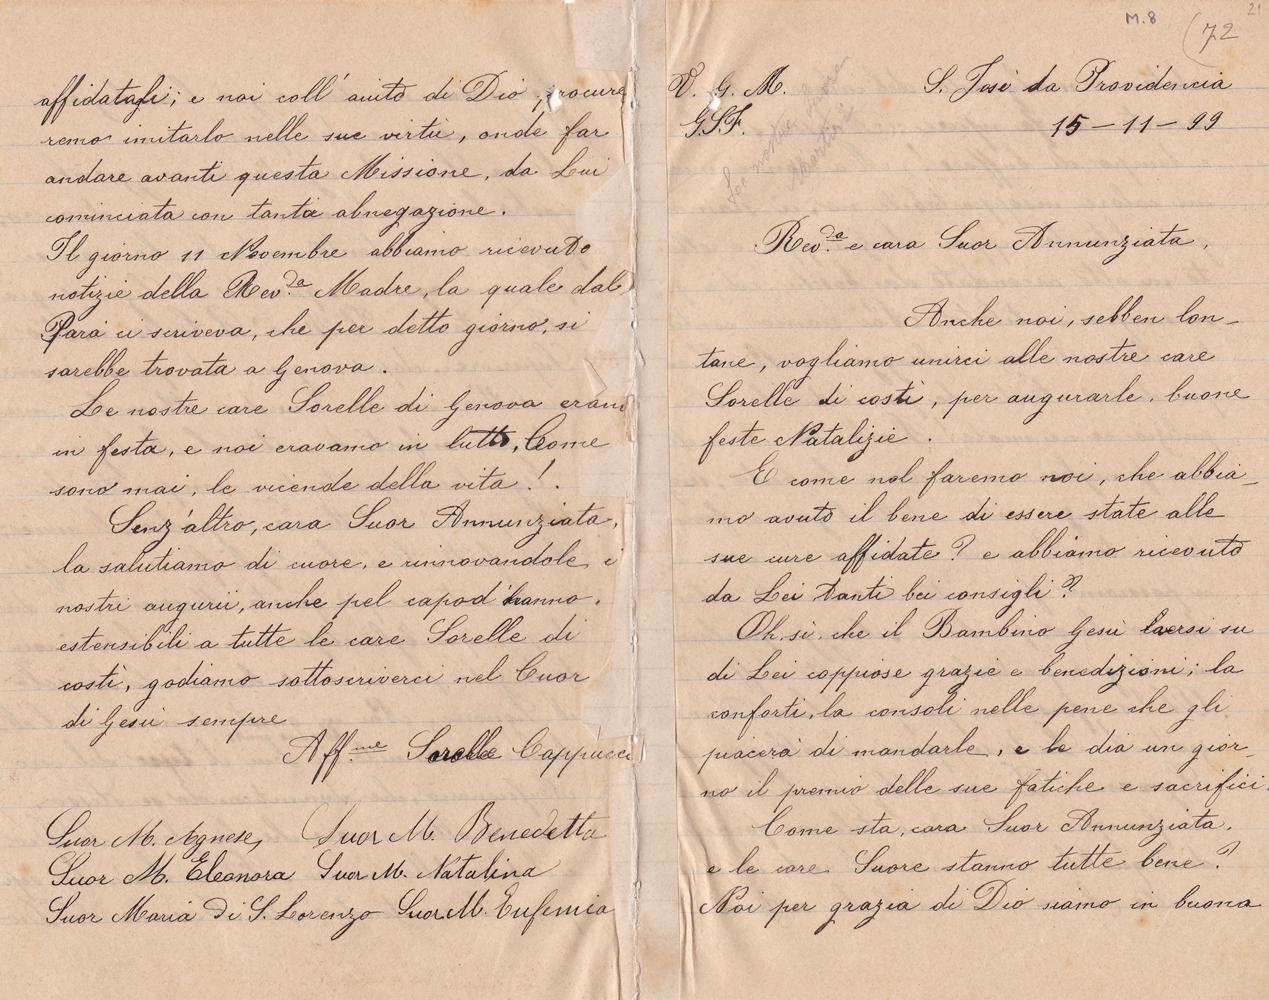 Lettera del gruppo delle missionarie 15.11.1899 recto